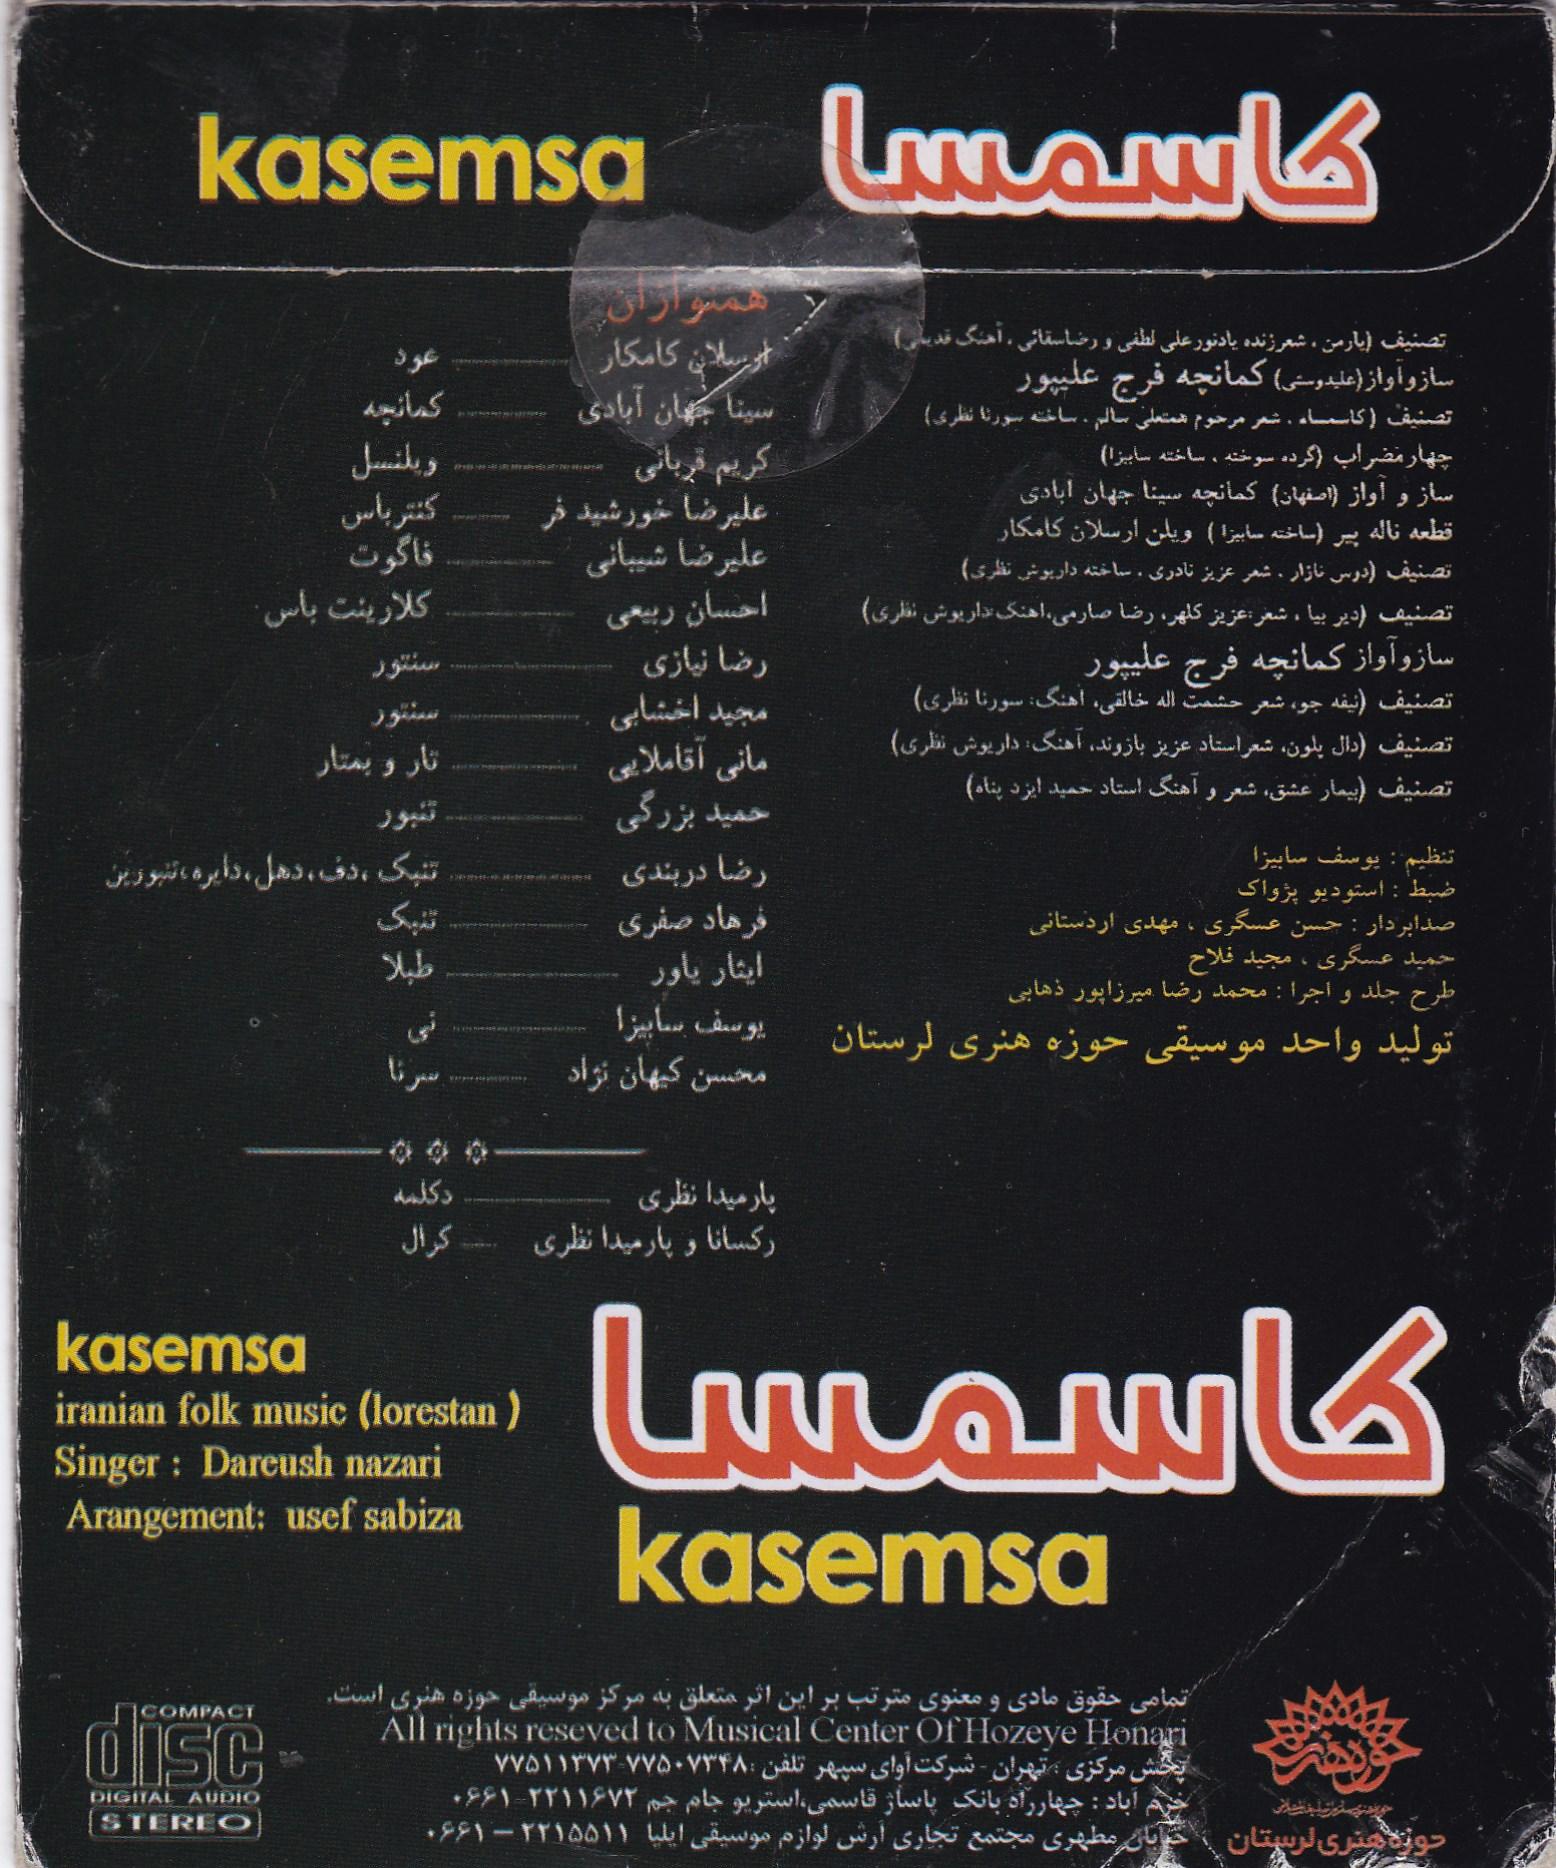 Kasemsa_Cover.jpg